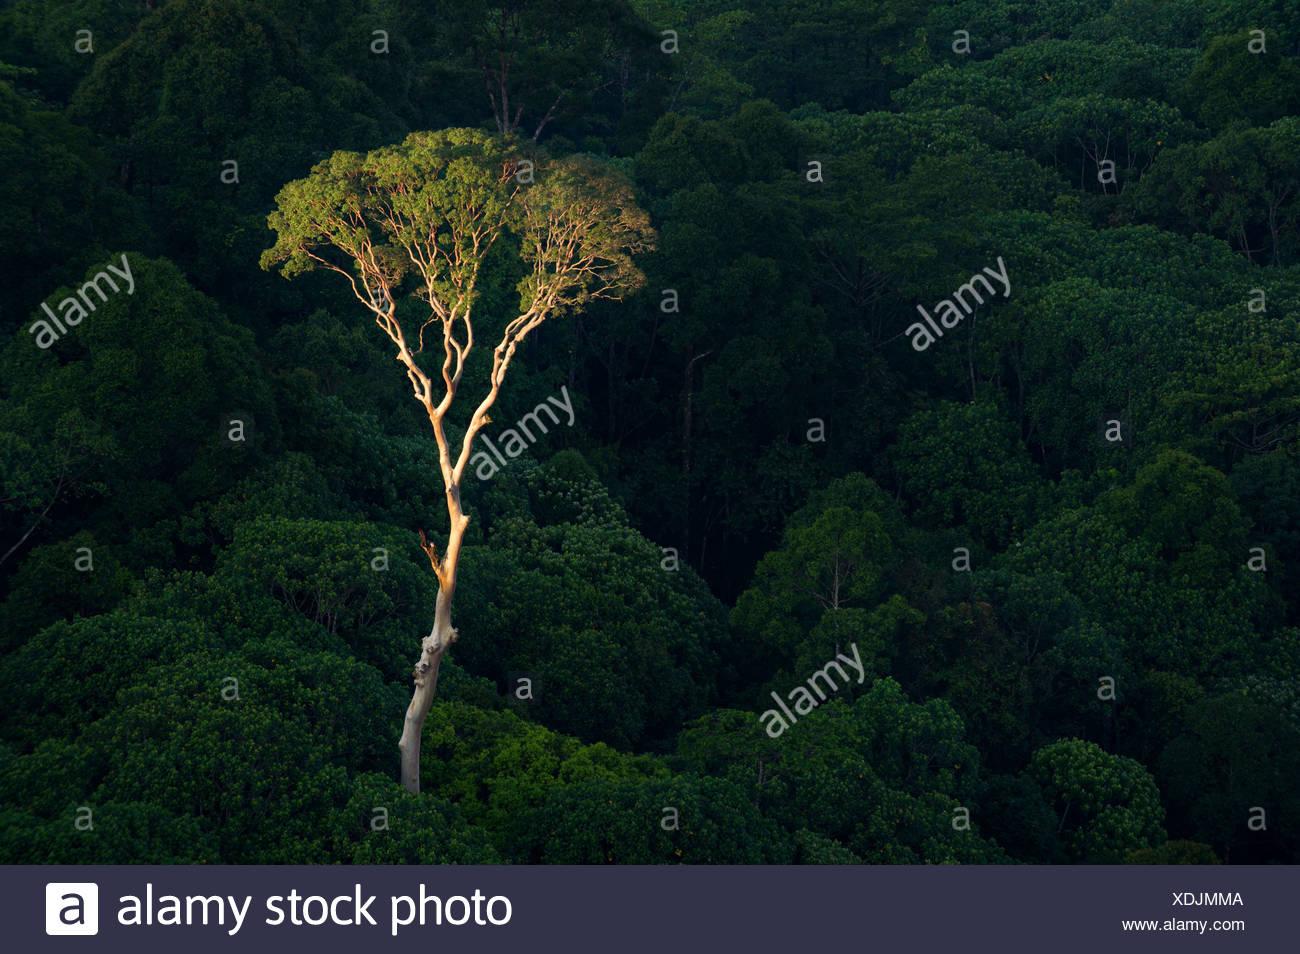 Emergent Menggaris albero sporgente la tettoia di lowland Dipterocarp foresta pluviale. Cuore di Danum Valley, Sabah Borneo. Immagini Stock